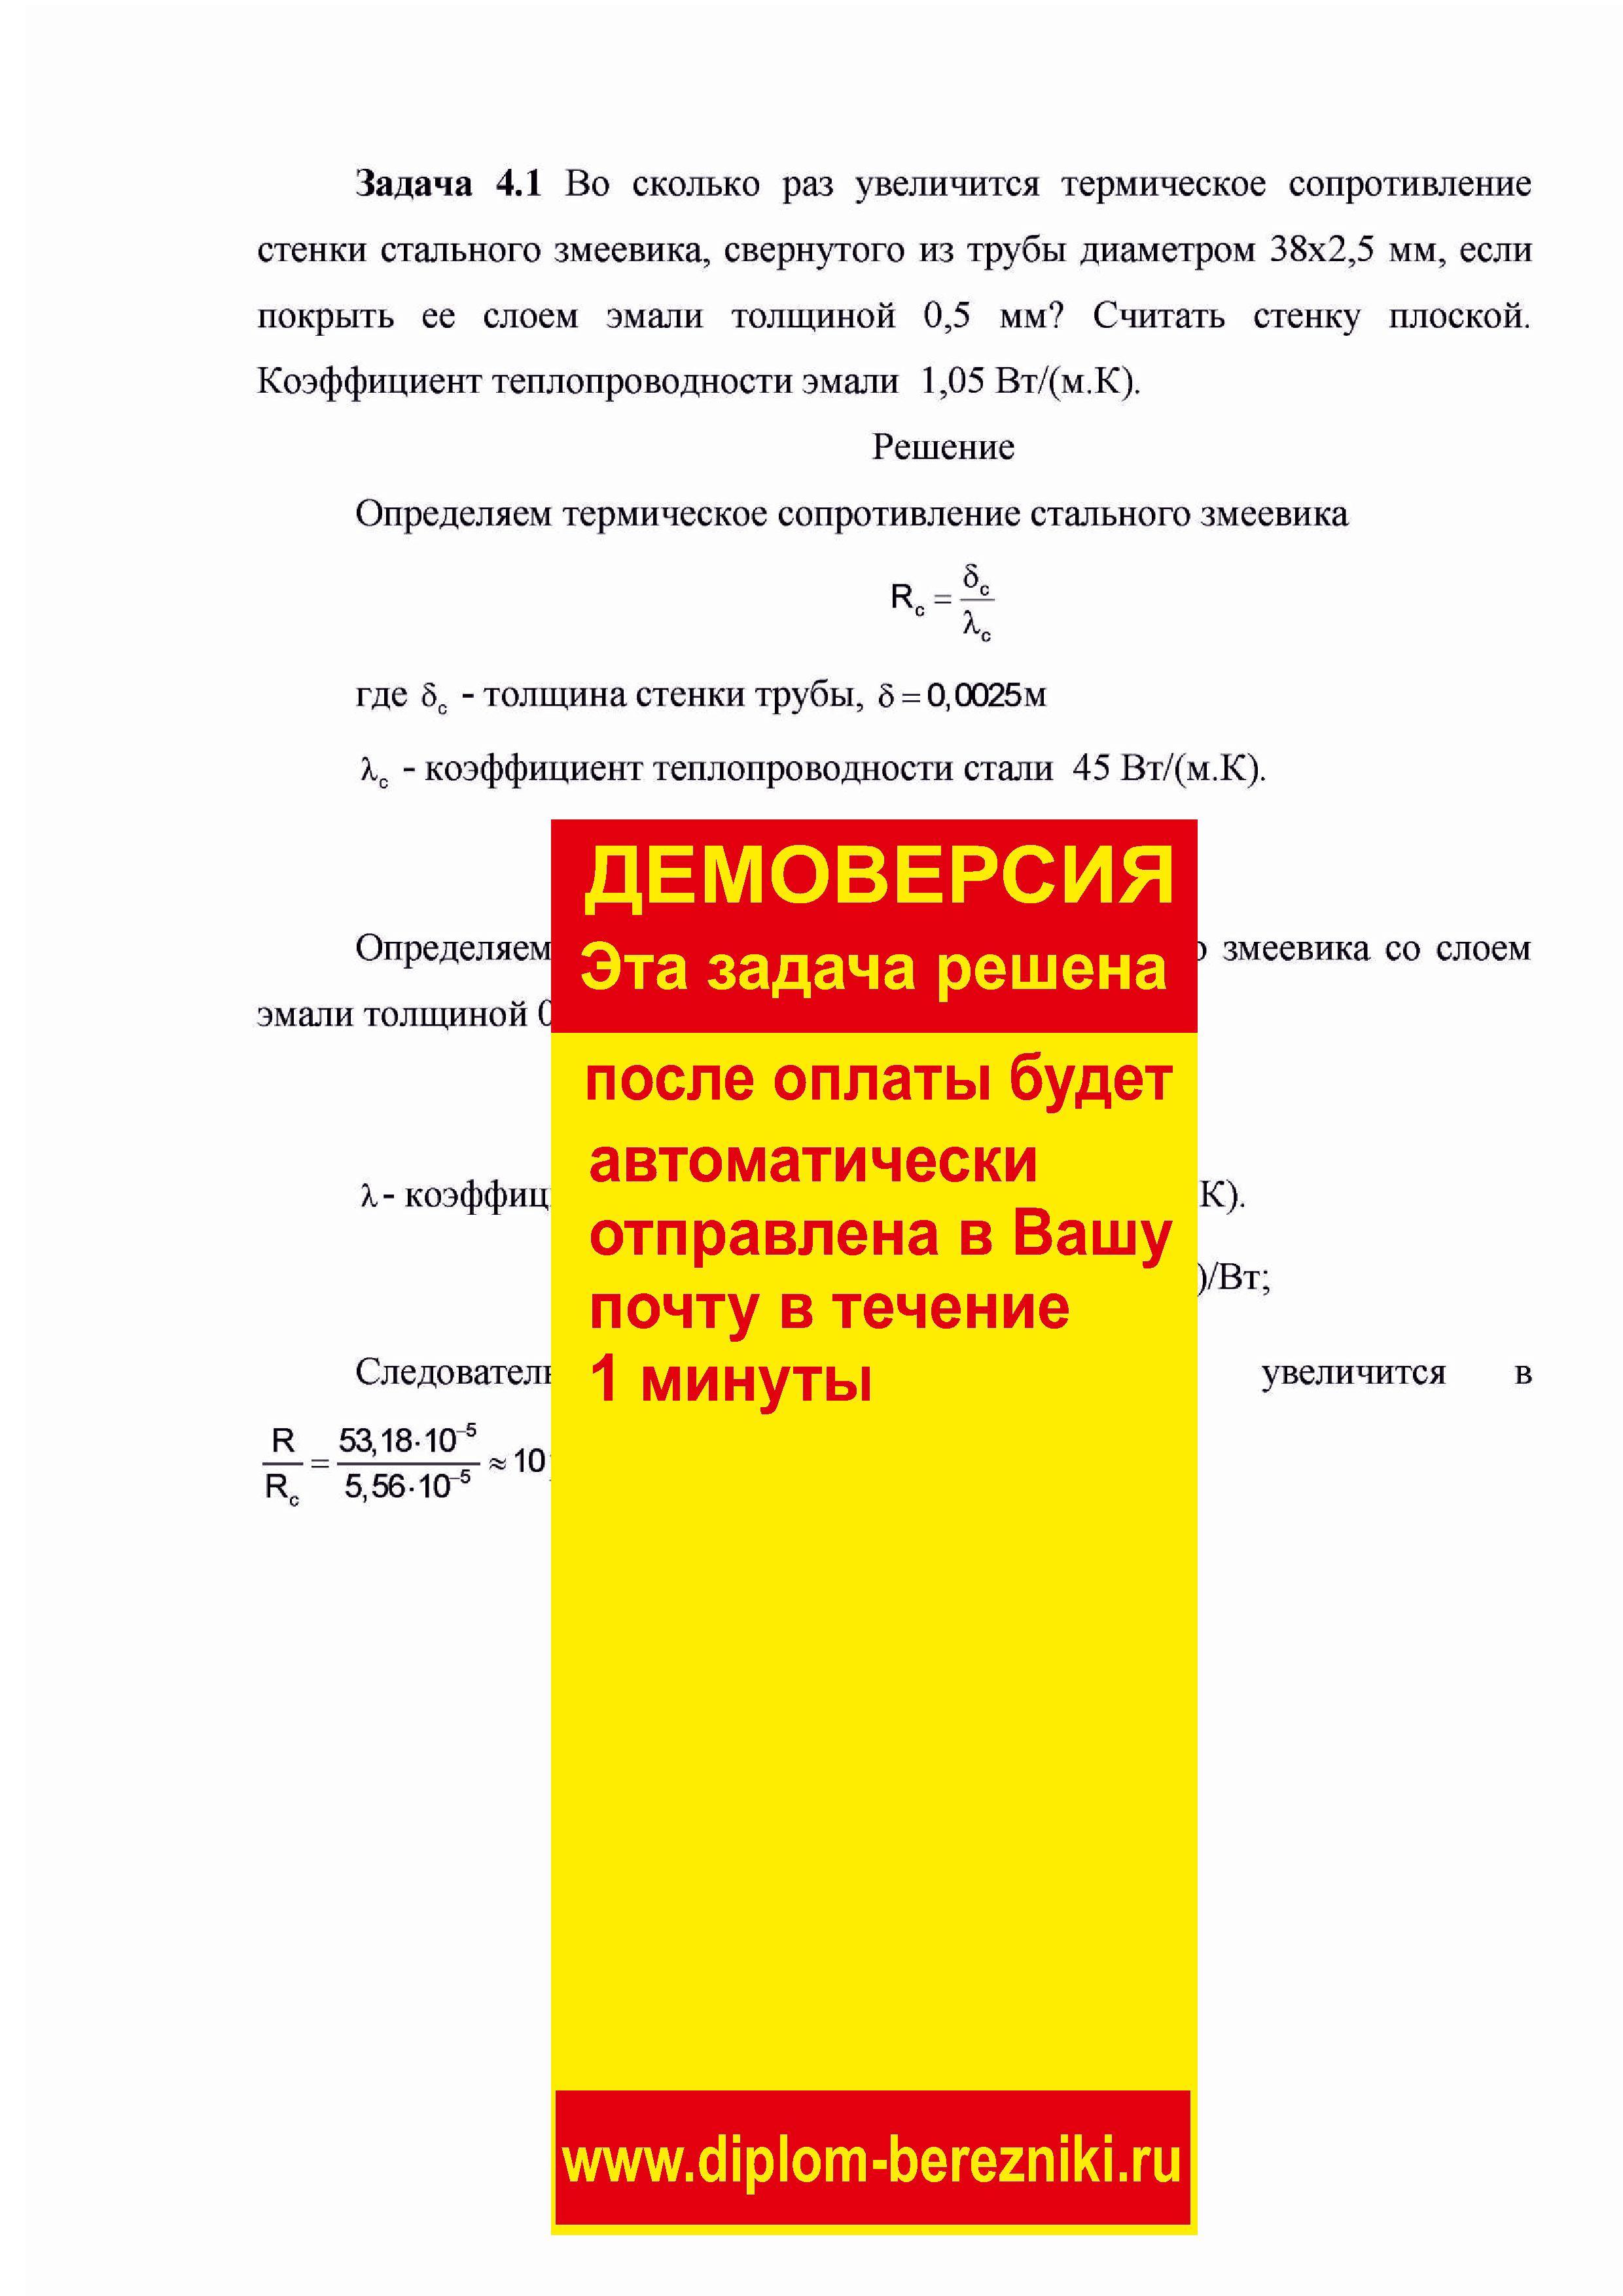 Решение задачи 4.1 по ПАХТ из задачника Павлова Романкова Носкова